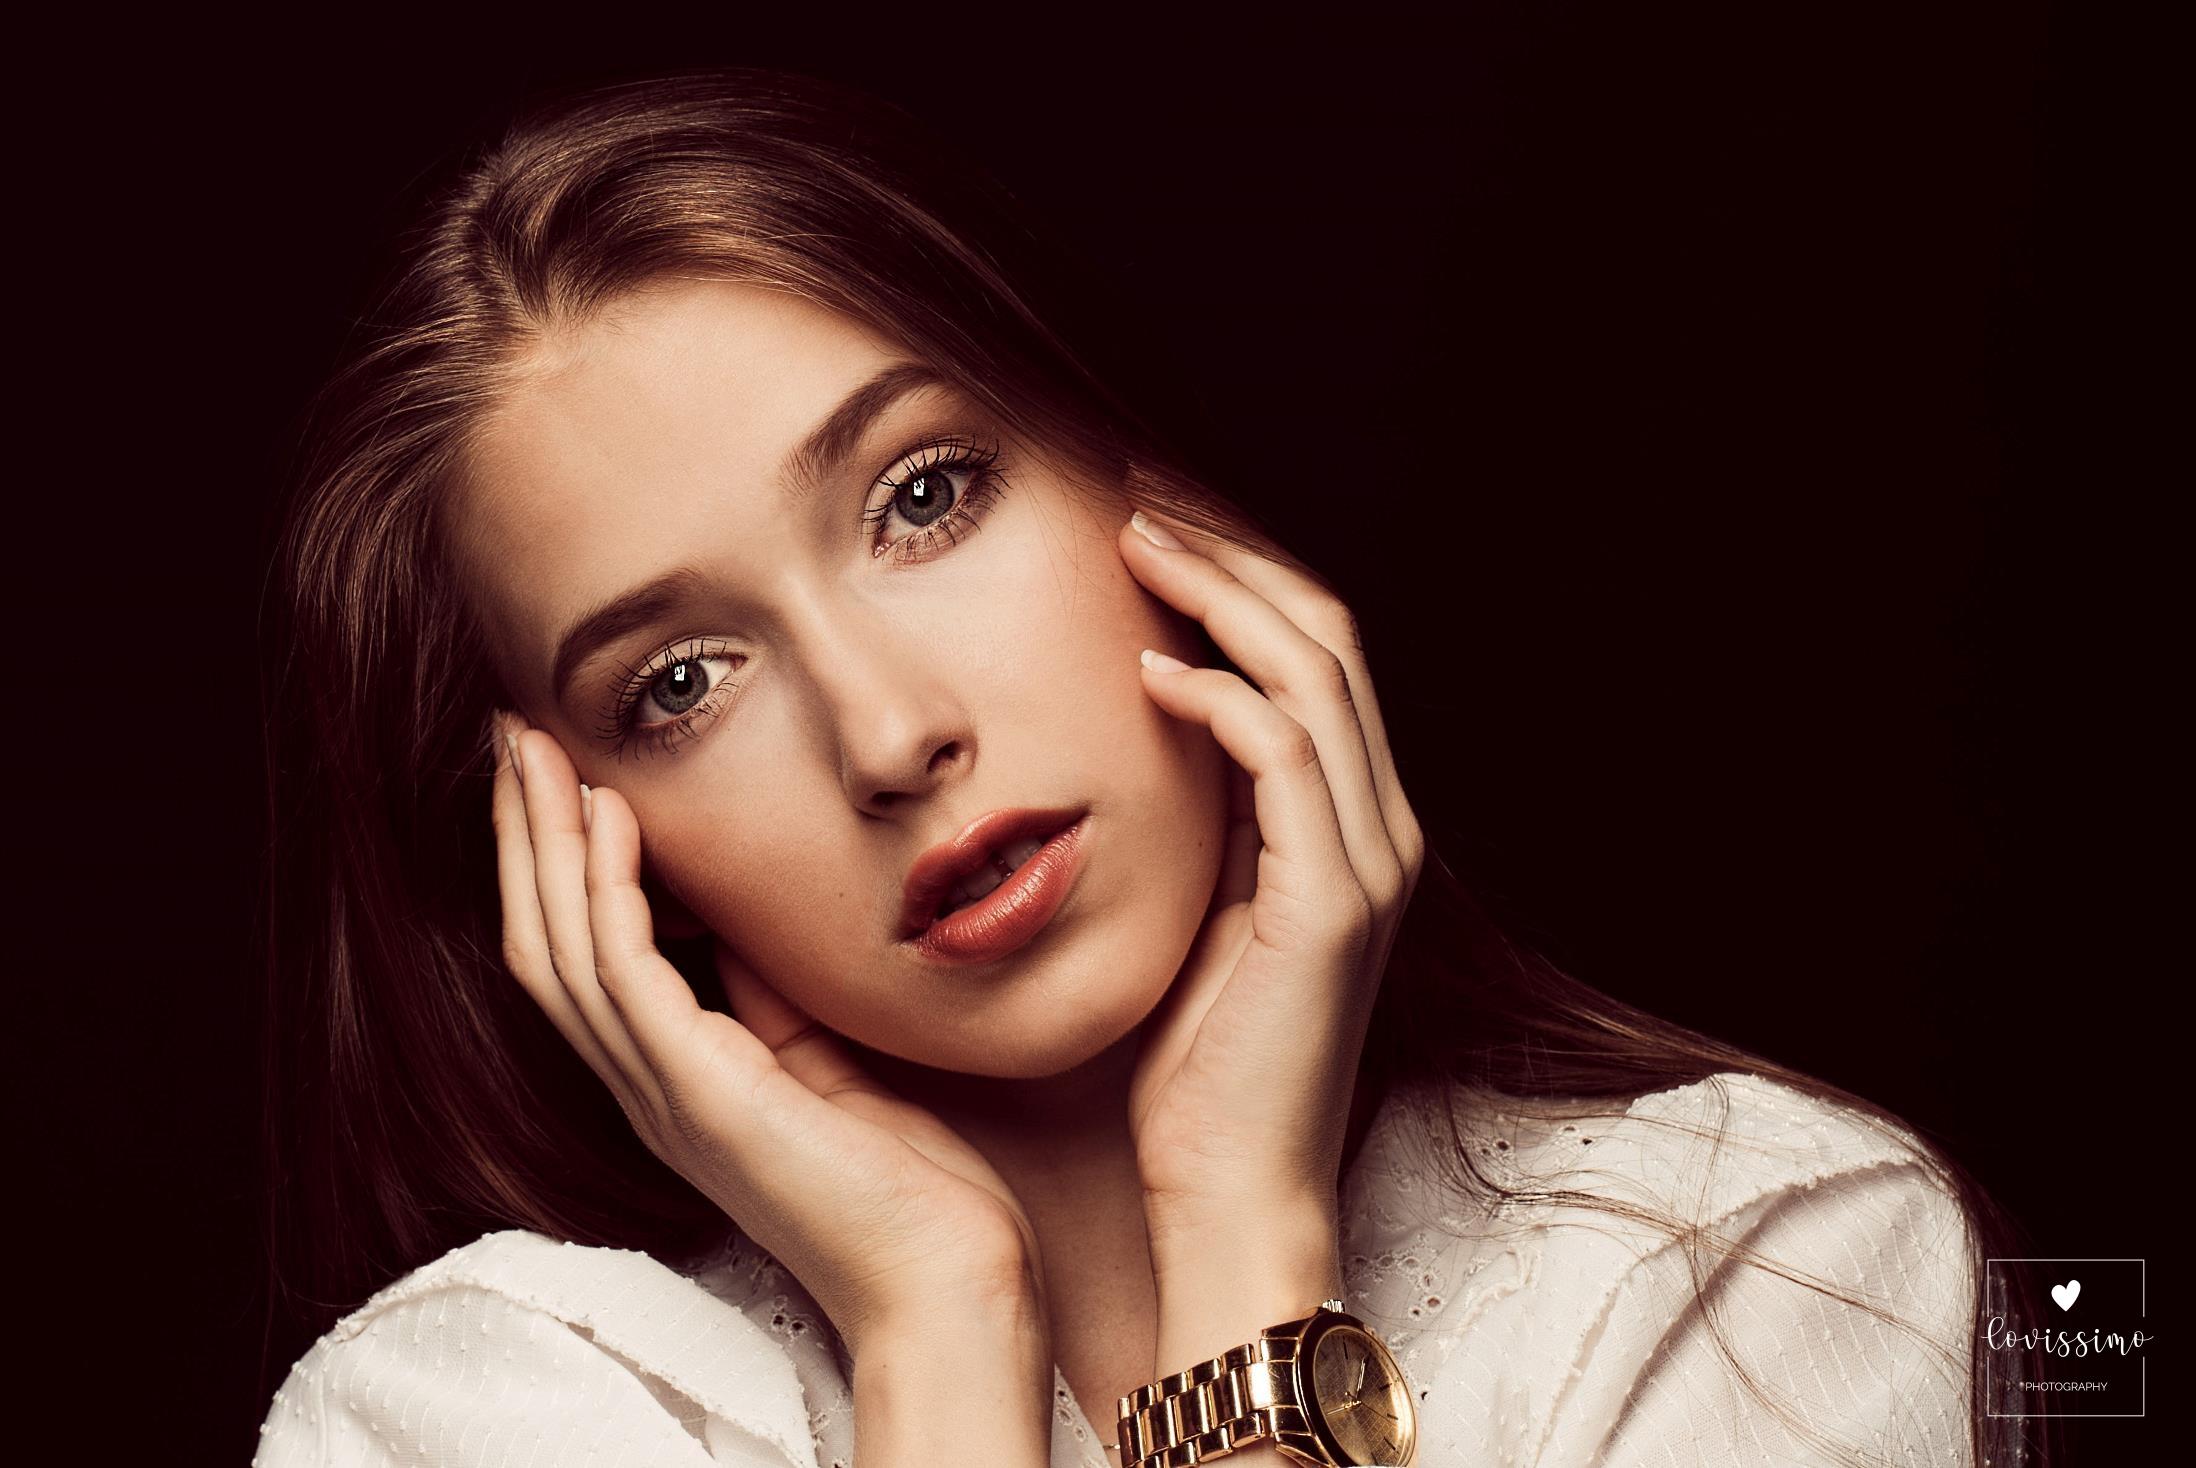 Sesja Portretowa Malwiny Kurzawy, Finalistki Miss Earth Poland 2018. Rzeszów